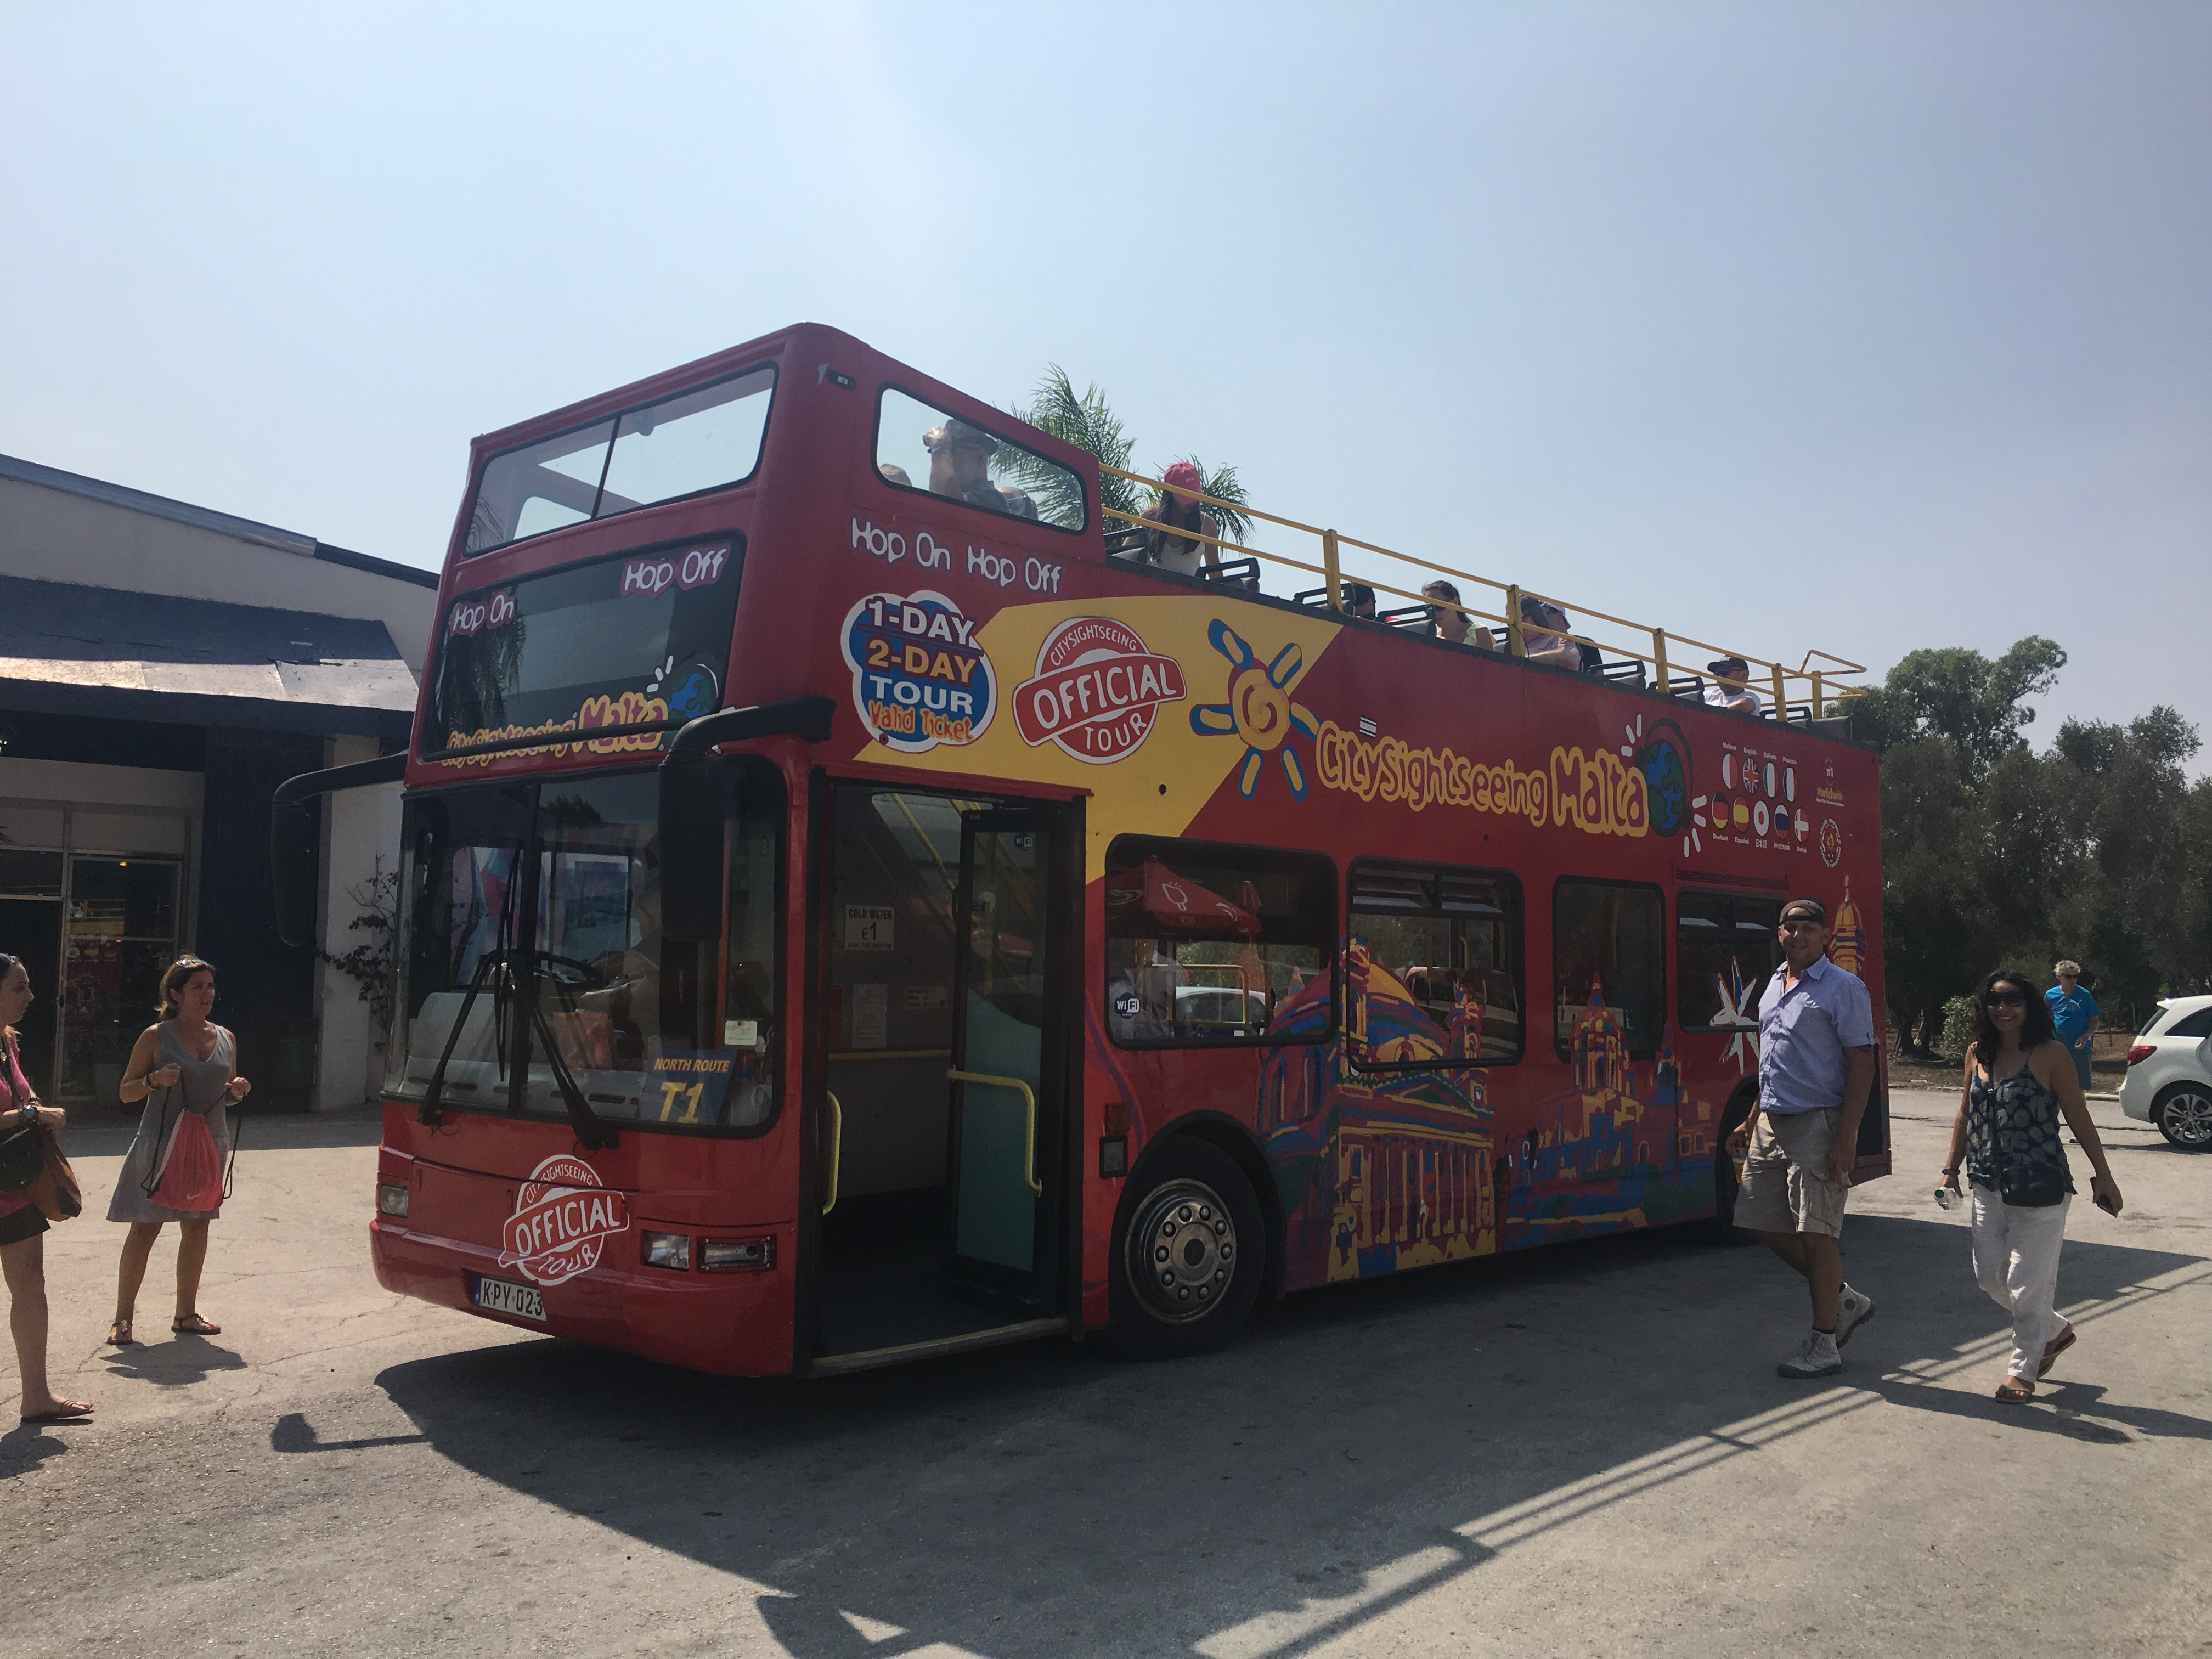 ホップオン・ホップオフバスでマルタ島を巡ってみたよ